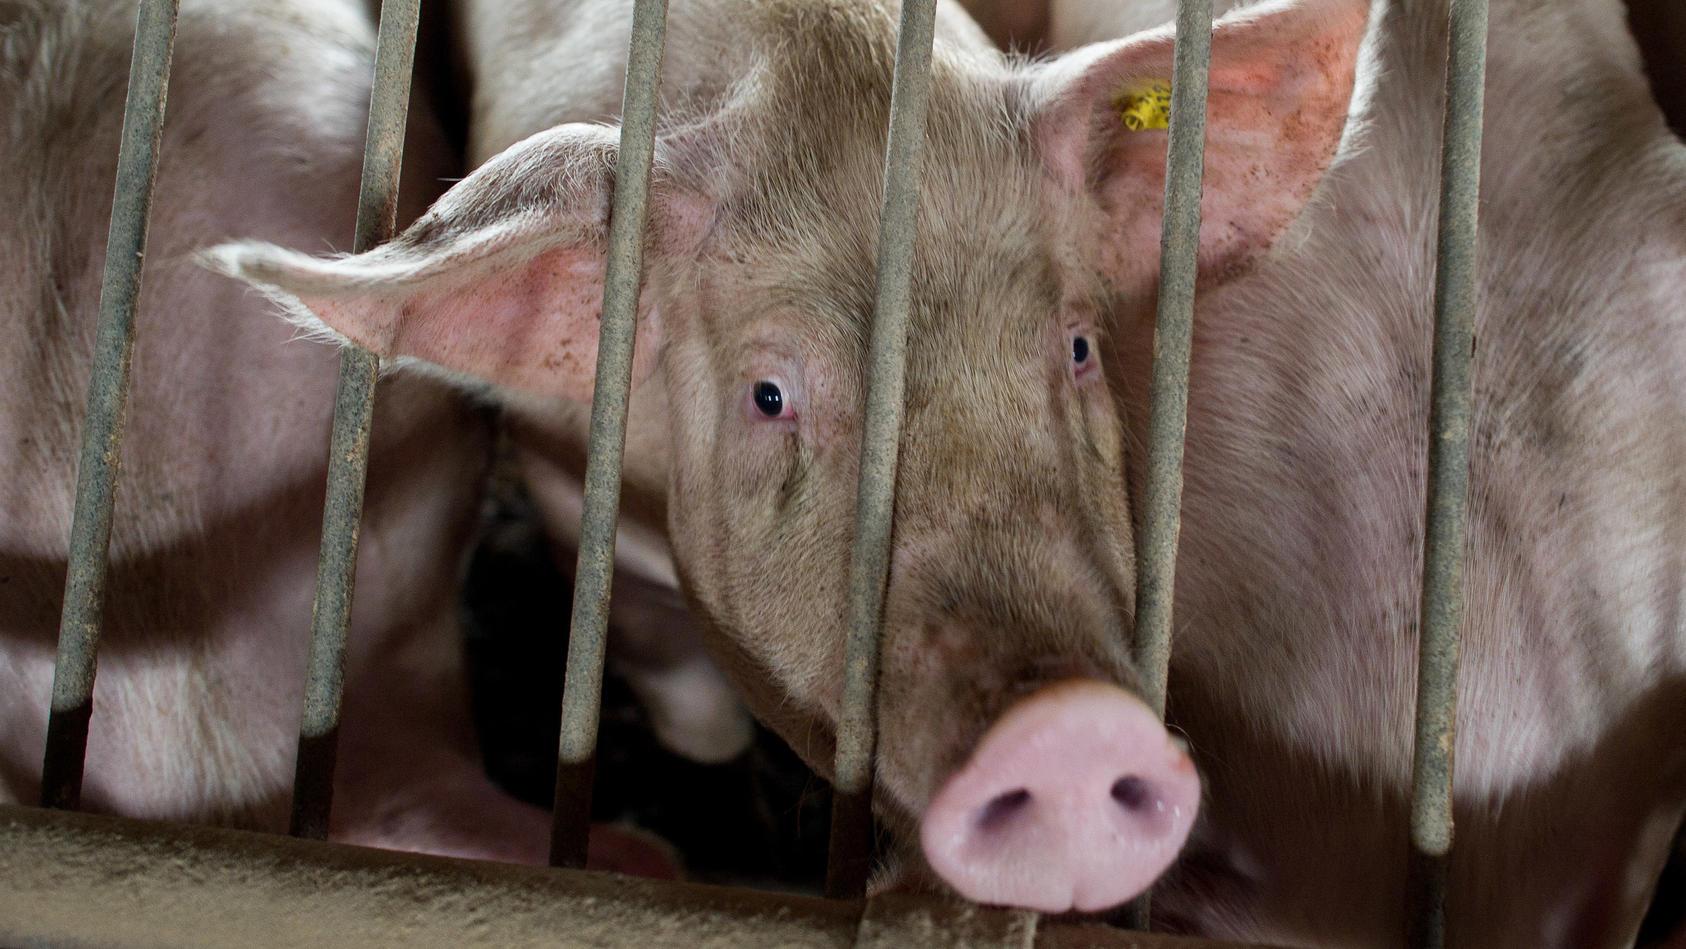 Bei Durchsuchungen in Nikolausdorf (Gemeinde Garrel) wurden insgesamt 850 tote Schweine gefunden. (Symbolbild)